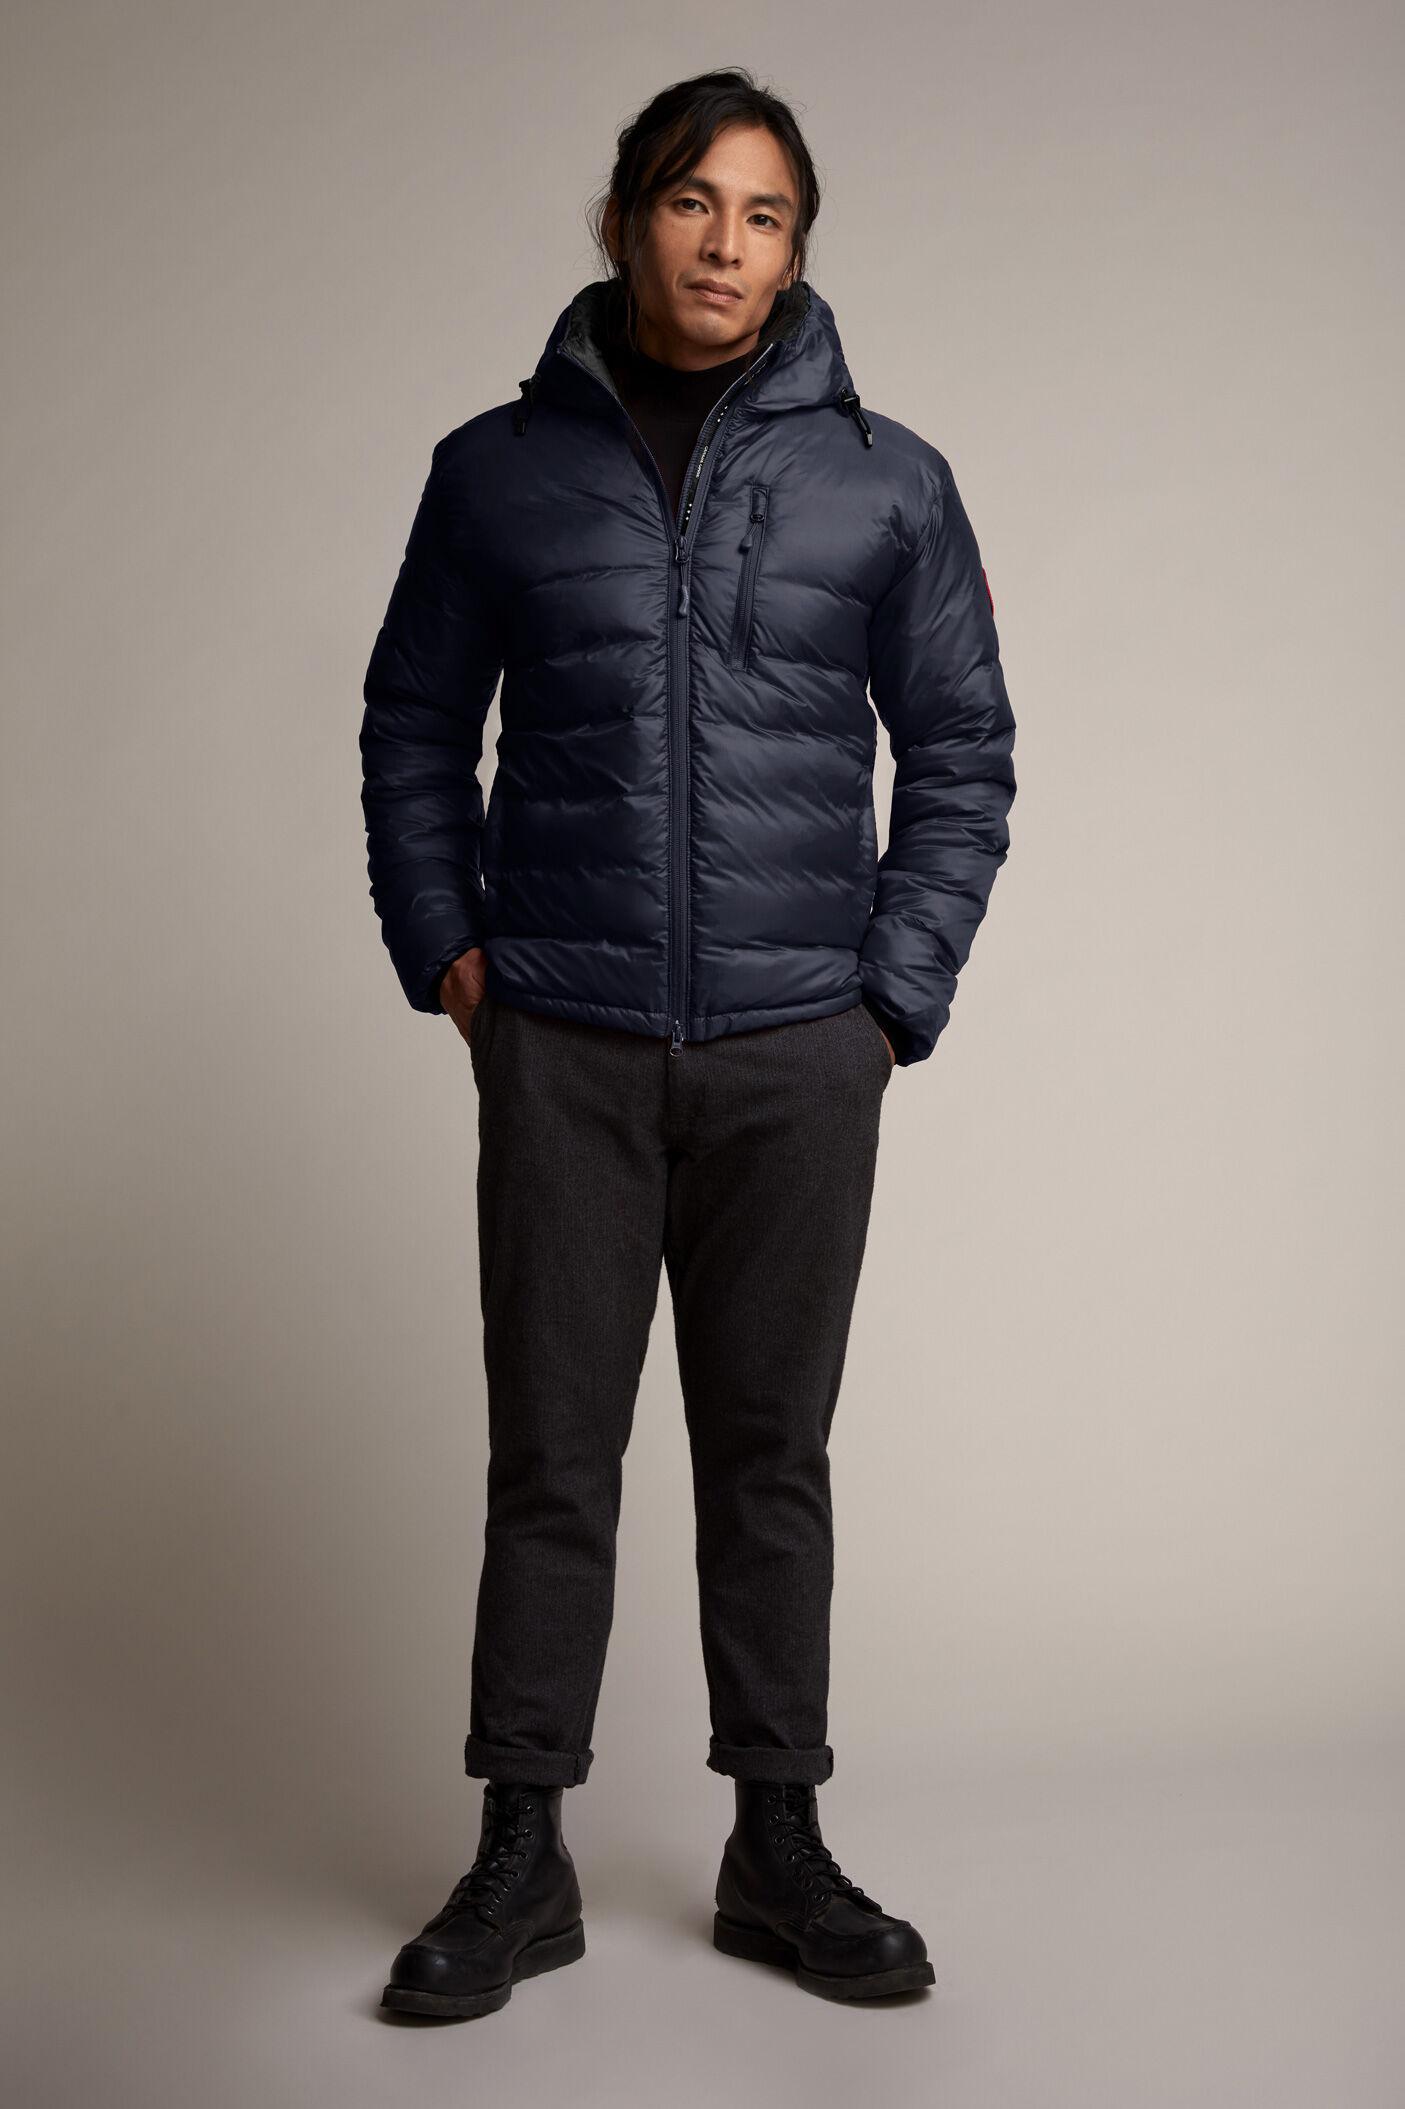 canada goose jackets edmonton